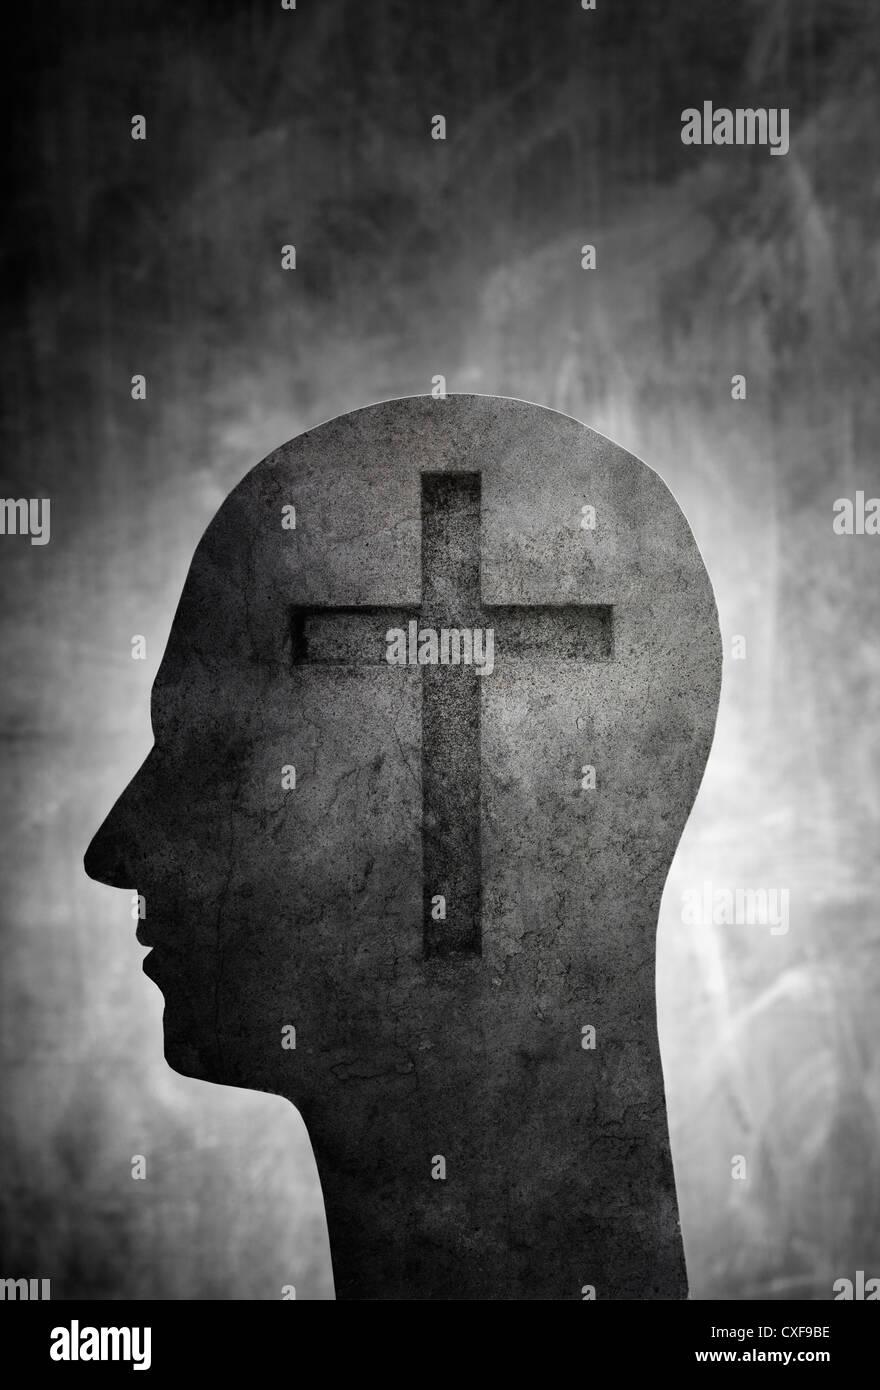 Imagen conceptual de una cabeza con un símbolo de la cruz cristiana. Imagen De Stock